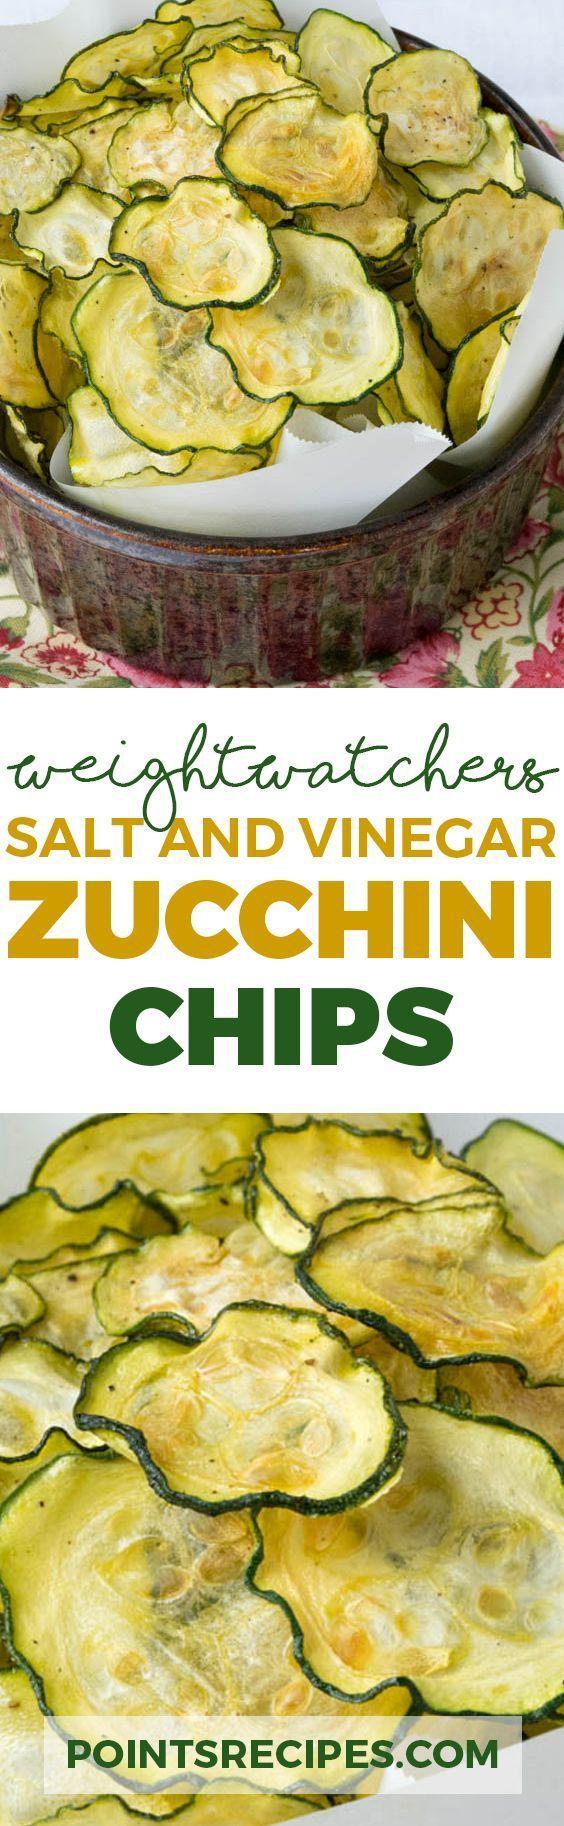 Salt and Vinegar Zucchini Chips (Weight Watchers SmartPoints)